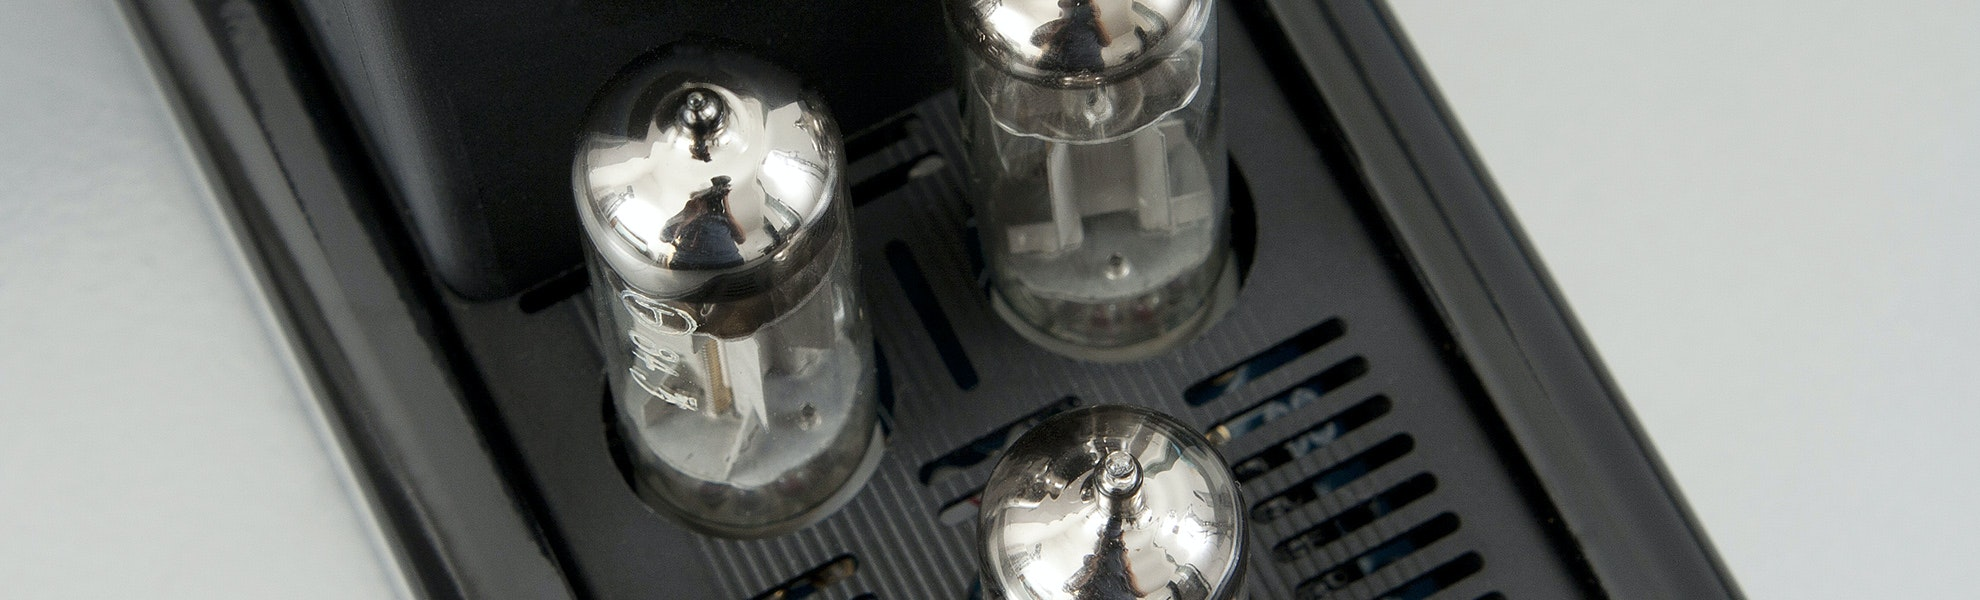 xDuoo TA-03 DAC/Amp